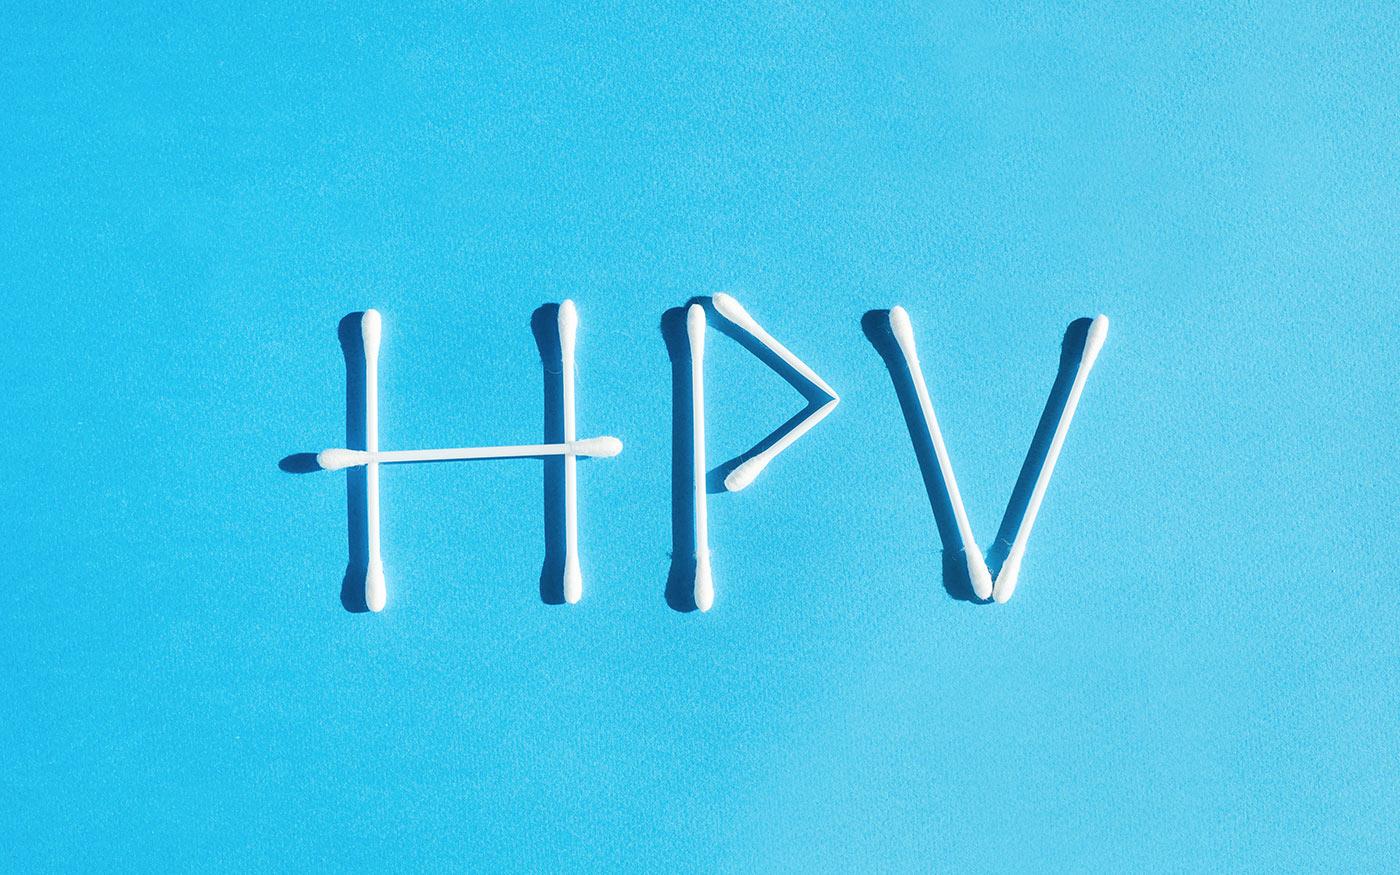 Még kérhetik a szülők a HPV elleni, ingyenes oltást hetedikes gyermeküknek